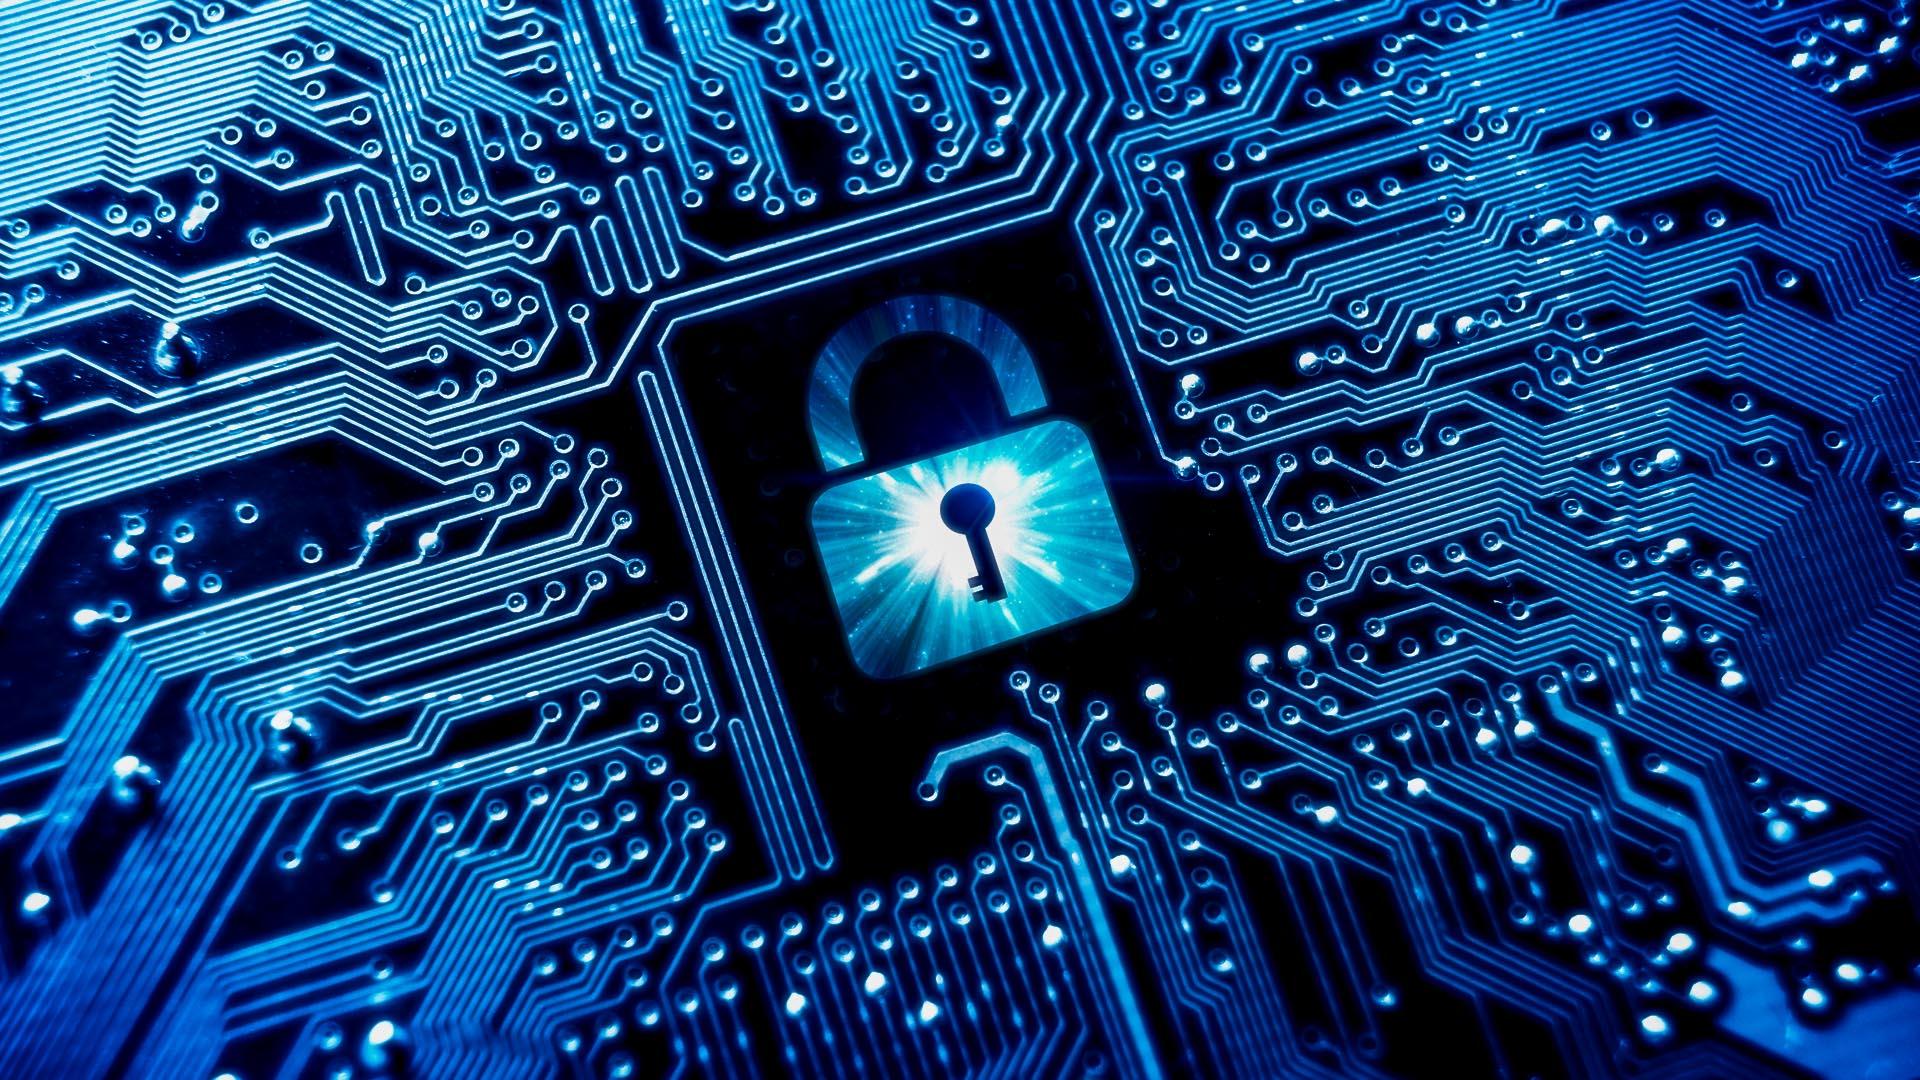 Президенты России и США принципиально договорились о совместной работе экспертов над инцидентами в киберпространстве